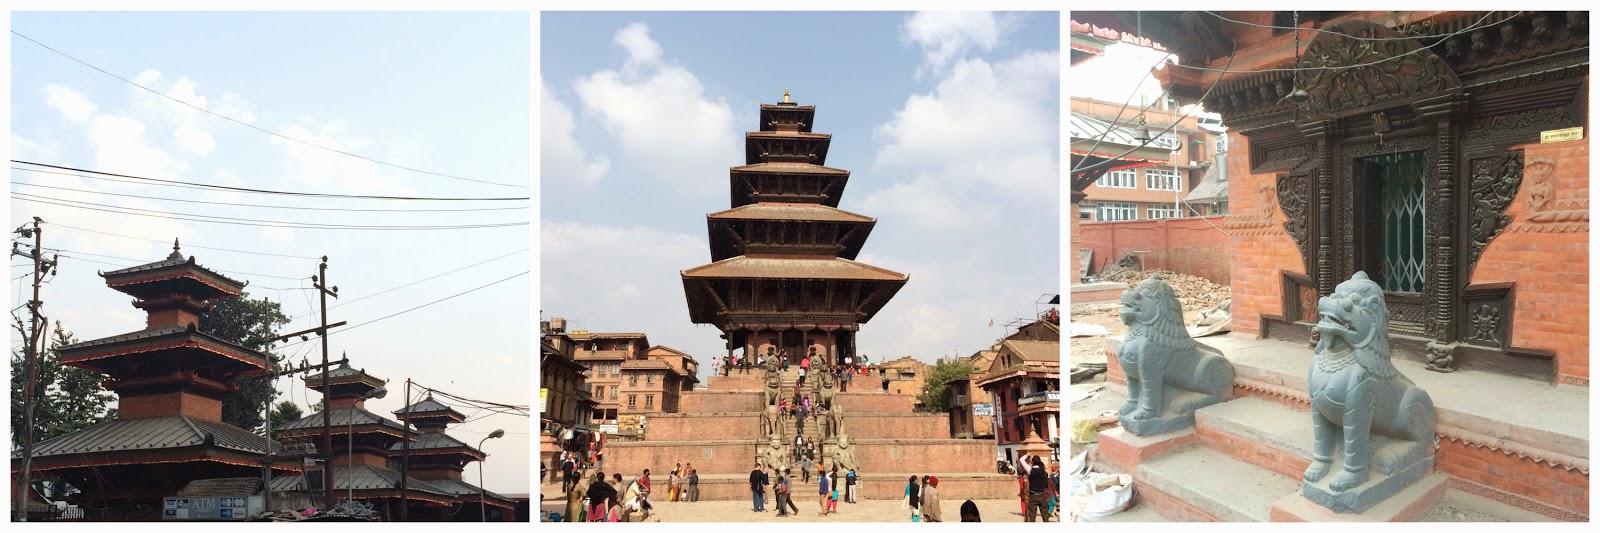 Kathmandu%2BNepal.jpg